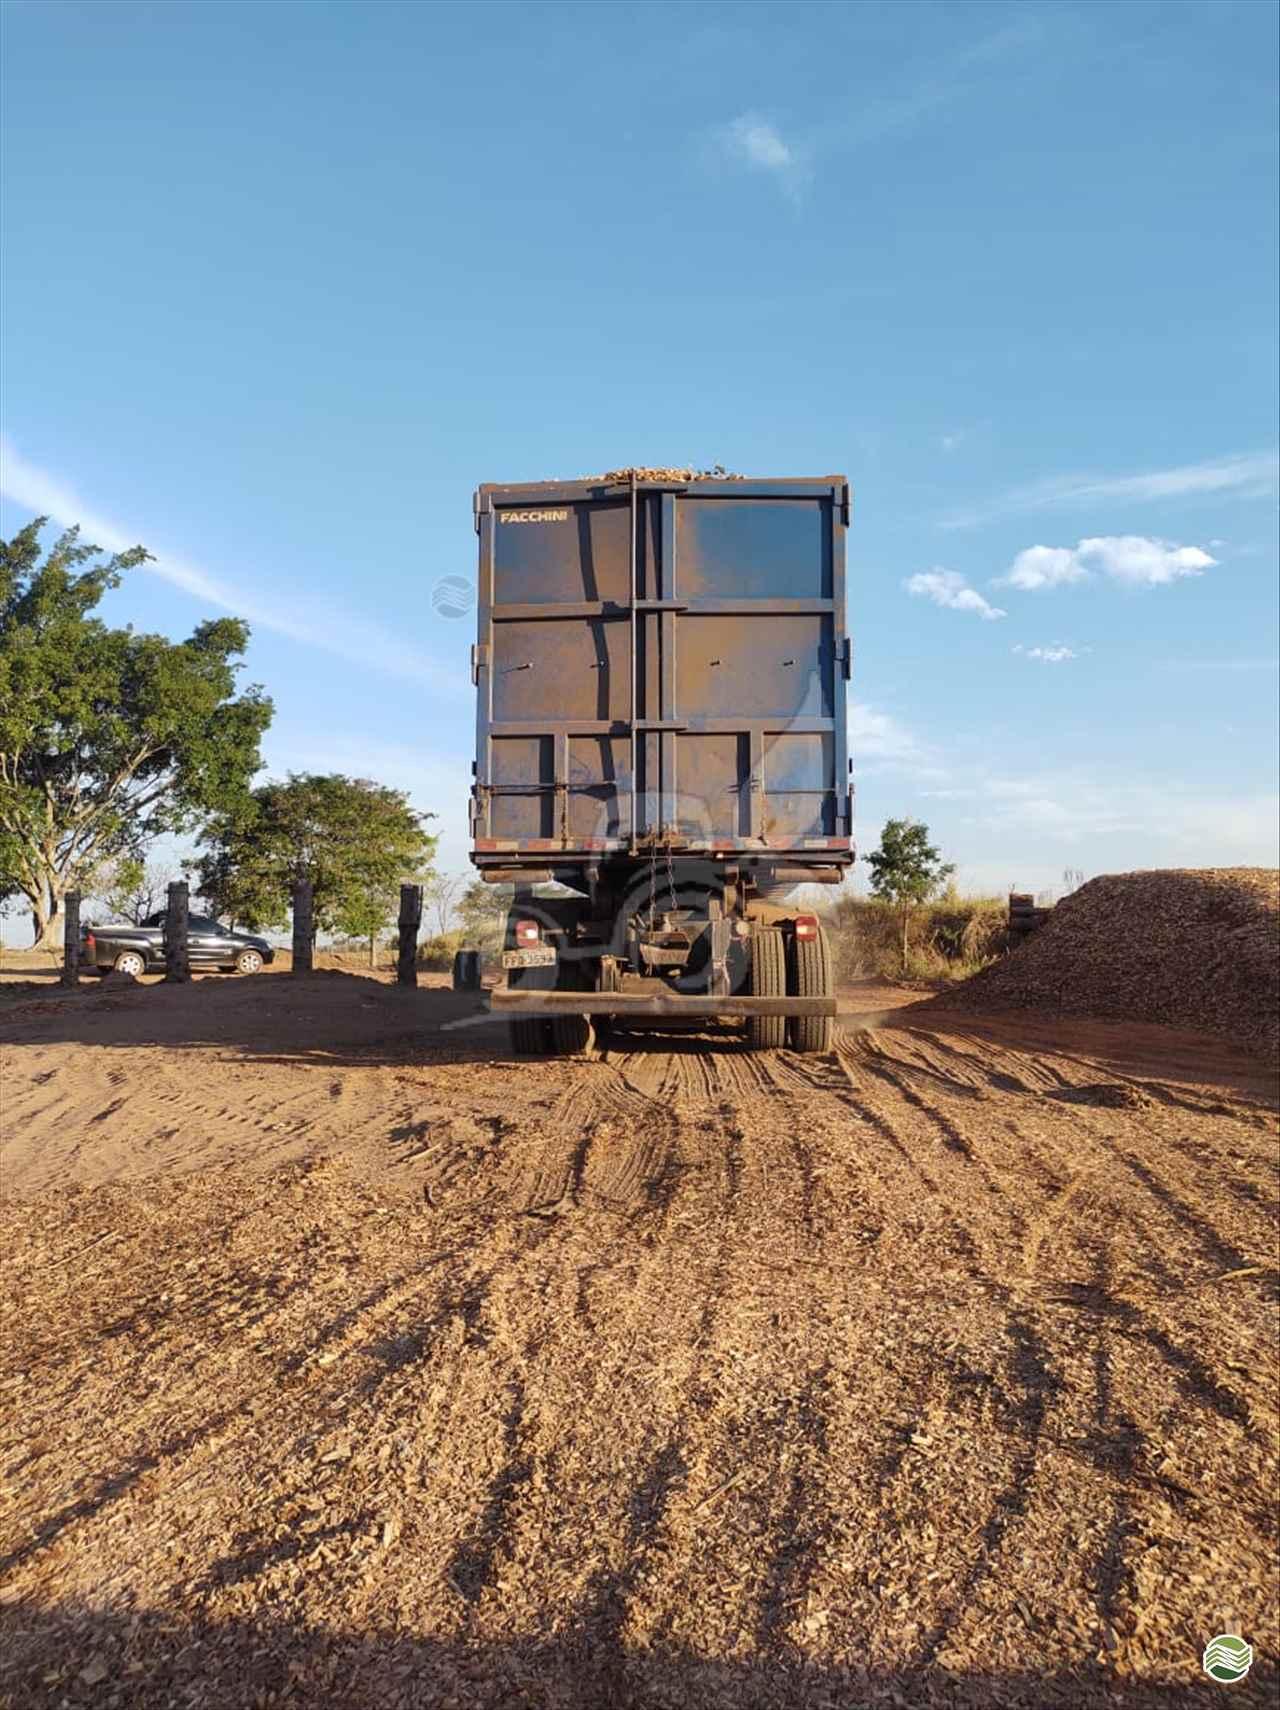 CAMINHAO VOLKSWAGEN VW 31330 Roll ON OFF Traçado 6x4 EP Máquinas e Implementos Agrícolas CRISTALINA GOIAS GO